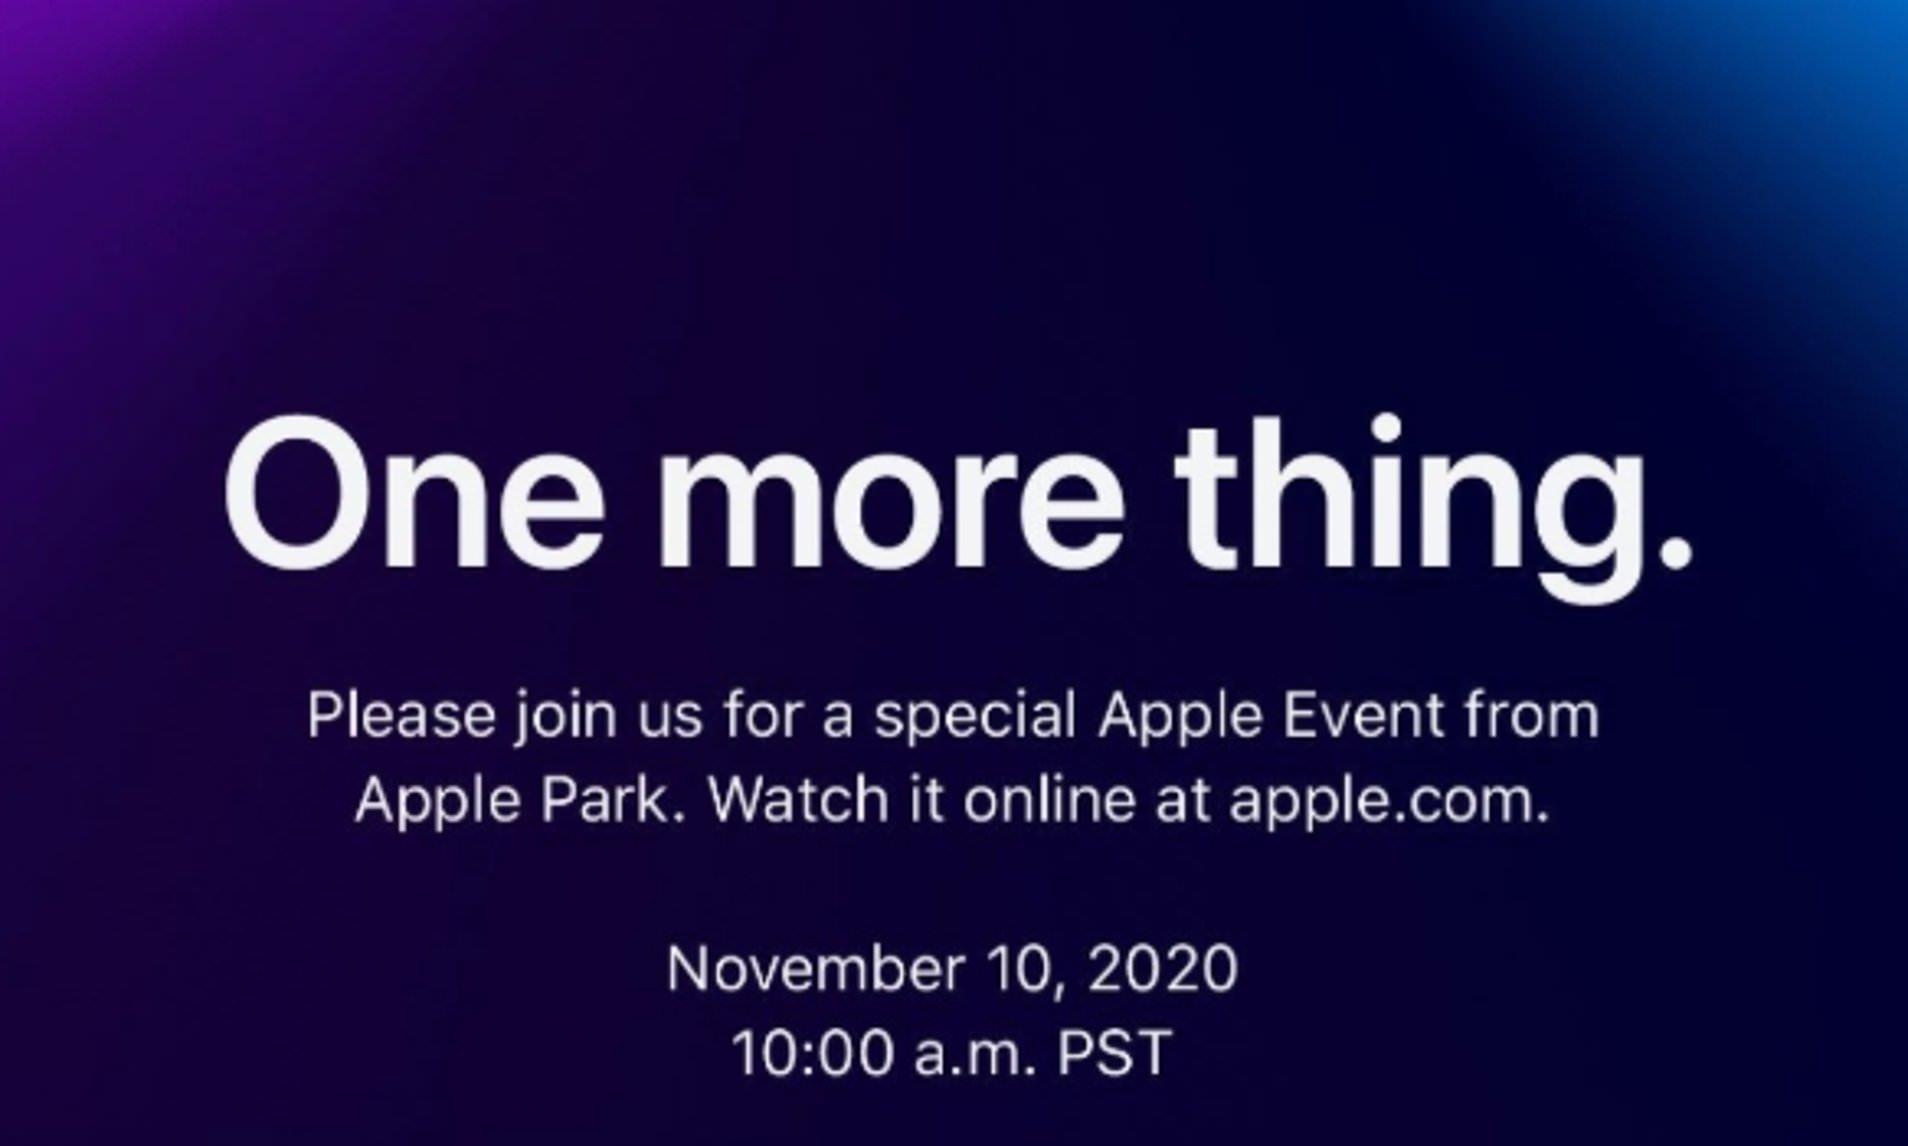 روکیدا | آخرین رویداد اپل در سال 2020 با چه محصولاتی همراه خواهد بود؟ | آی مک, آیفون, اپل, مک بوک, مک بوک ایر